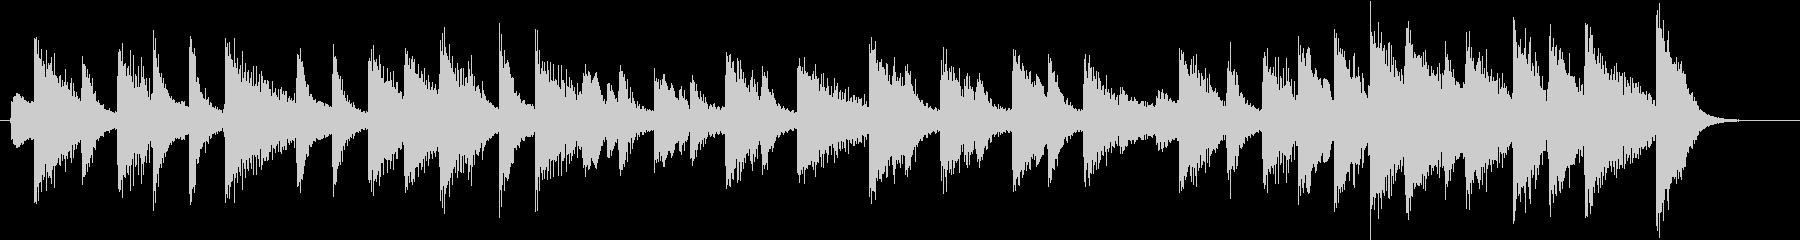 童謡・お正月モチーフのピアノジングルBの未再生の波形